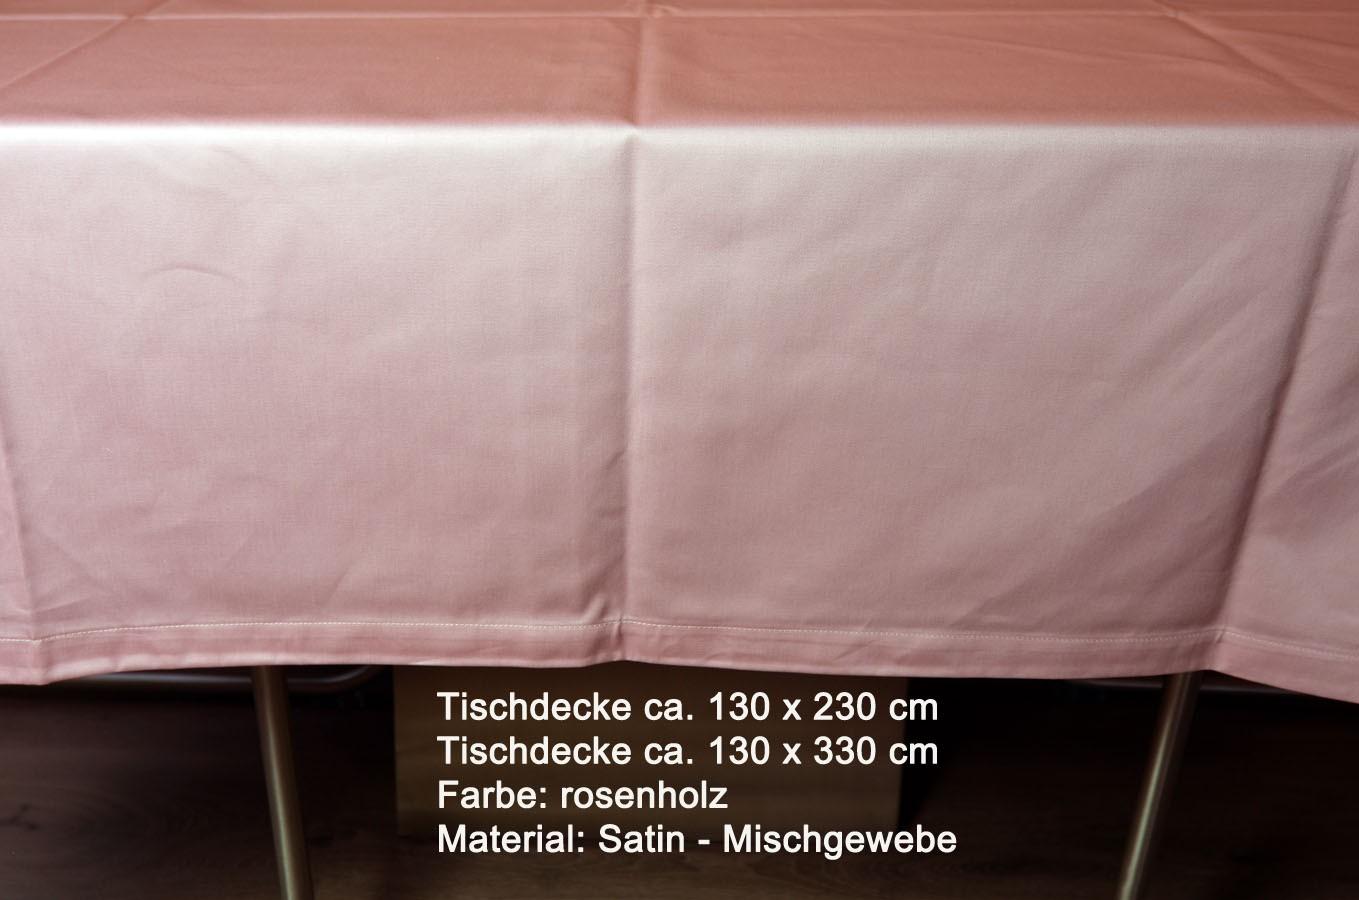 Tischwäsche Tischdecke 130 x 330 cm rosenholz Uni-Satin